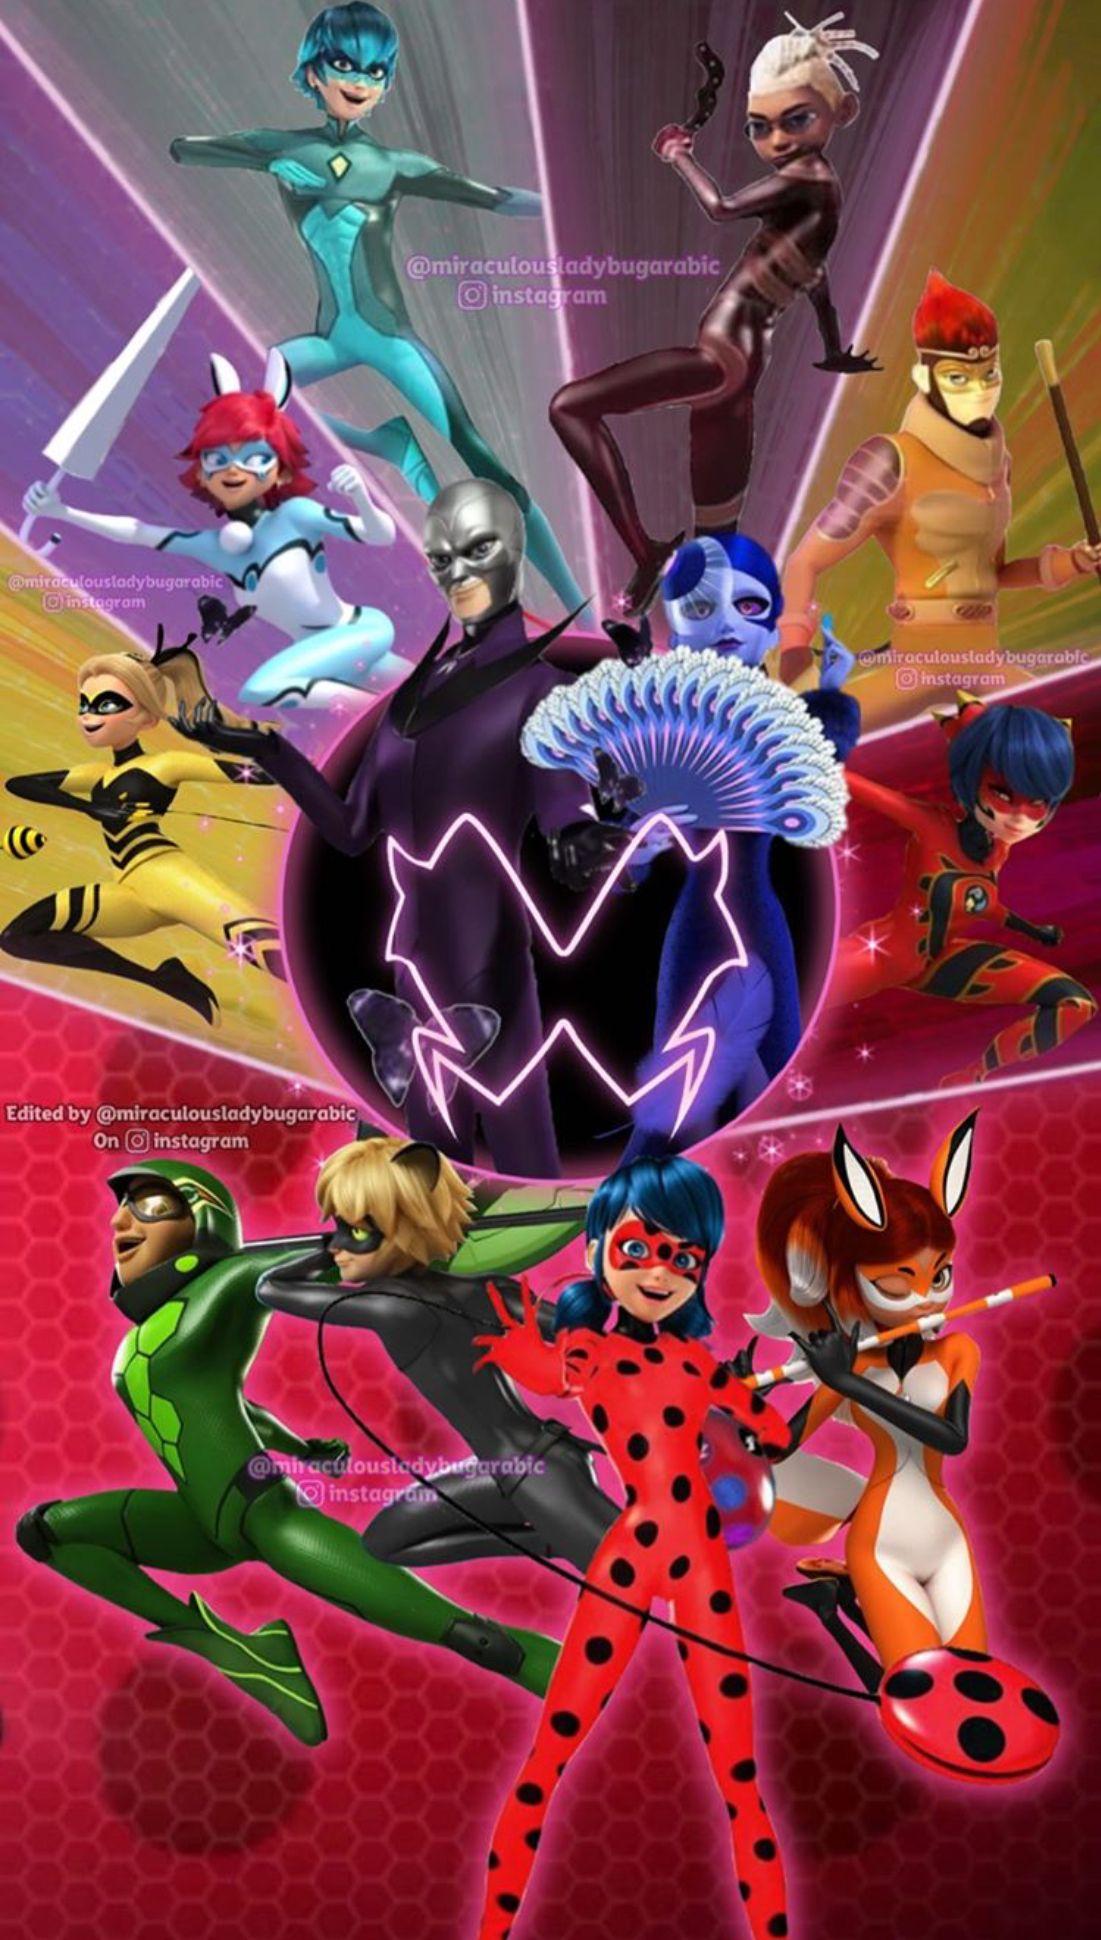 Pin De Pame Chavez En Miraculous Tales Of Ladybug And Cat Noir Fondos De Ladybug Capitulos De Ladybug Imagenes De Miraculous Ladybug